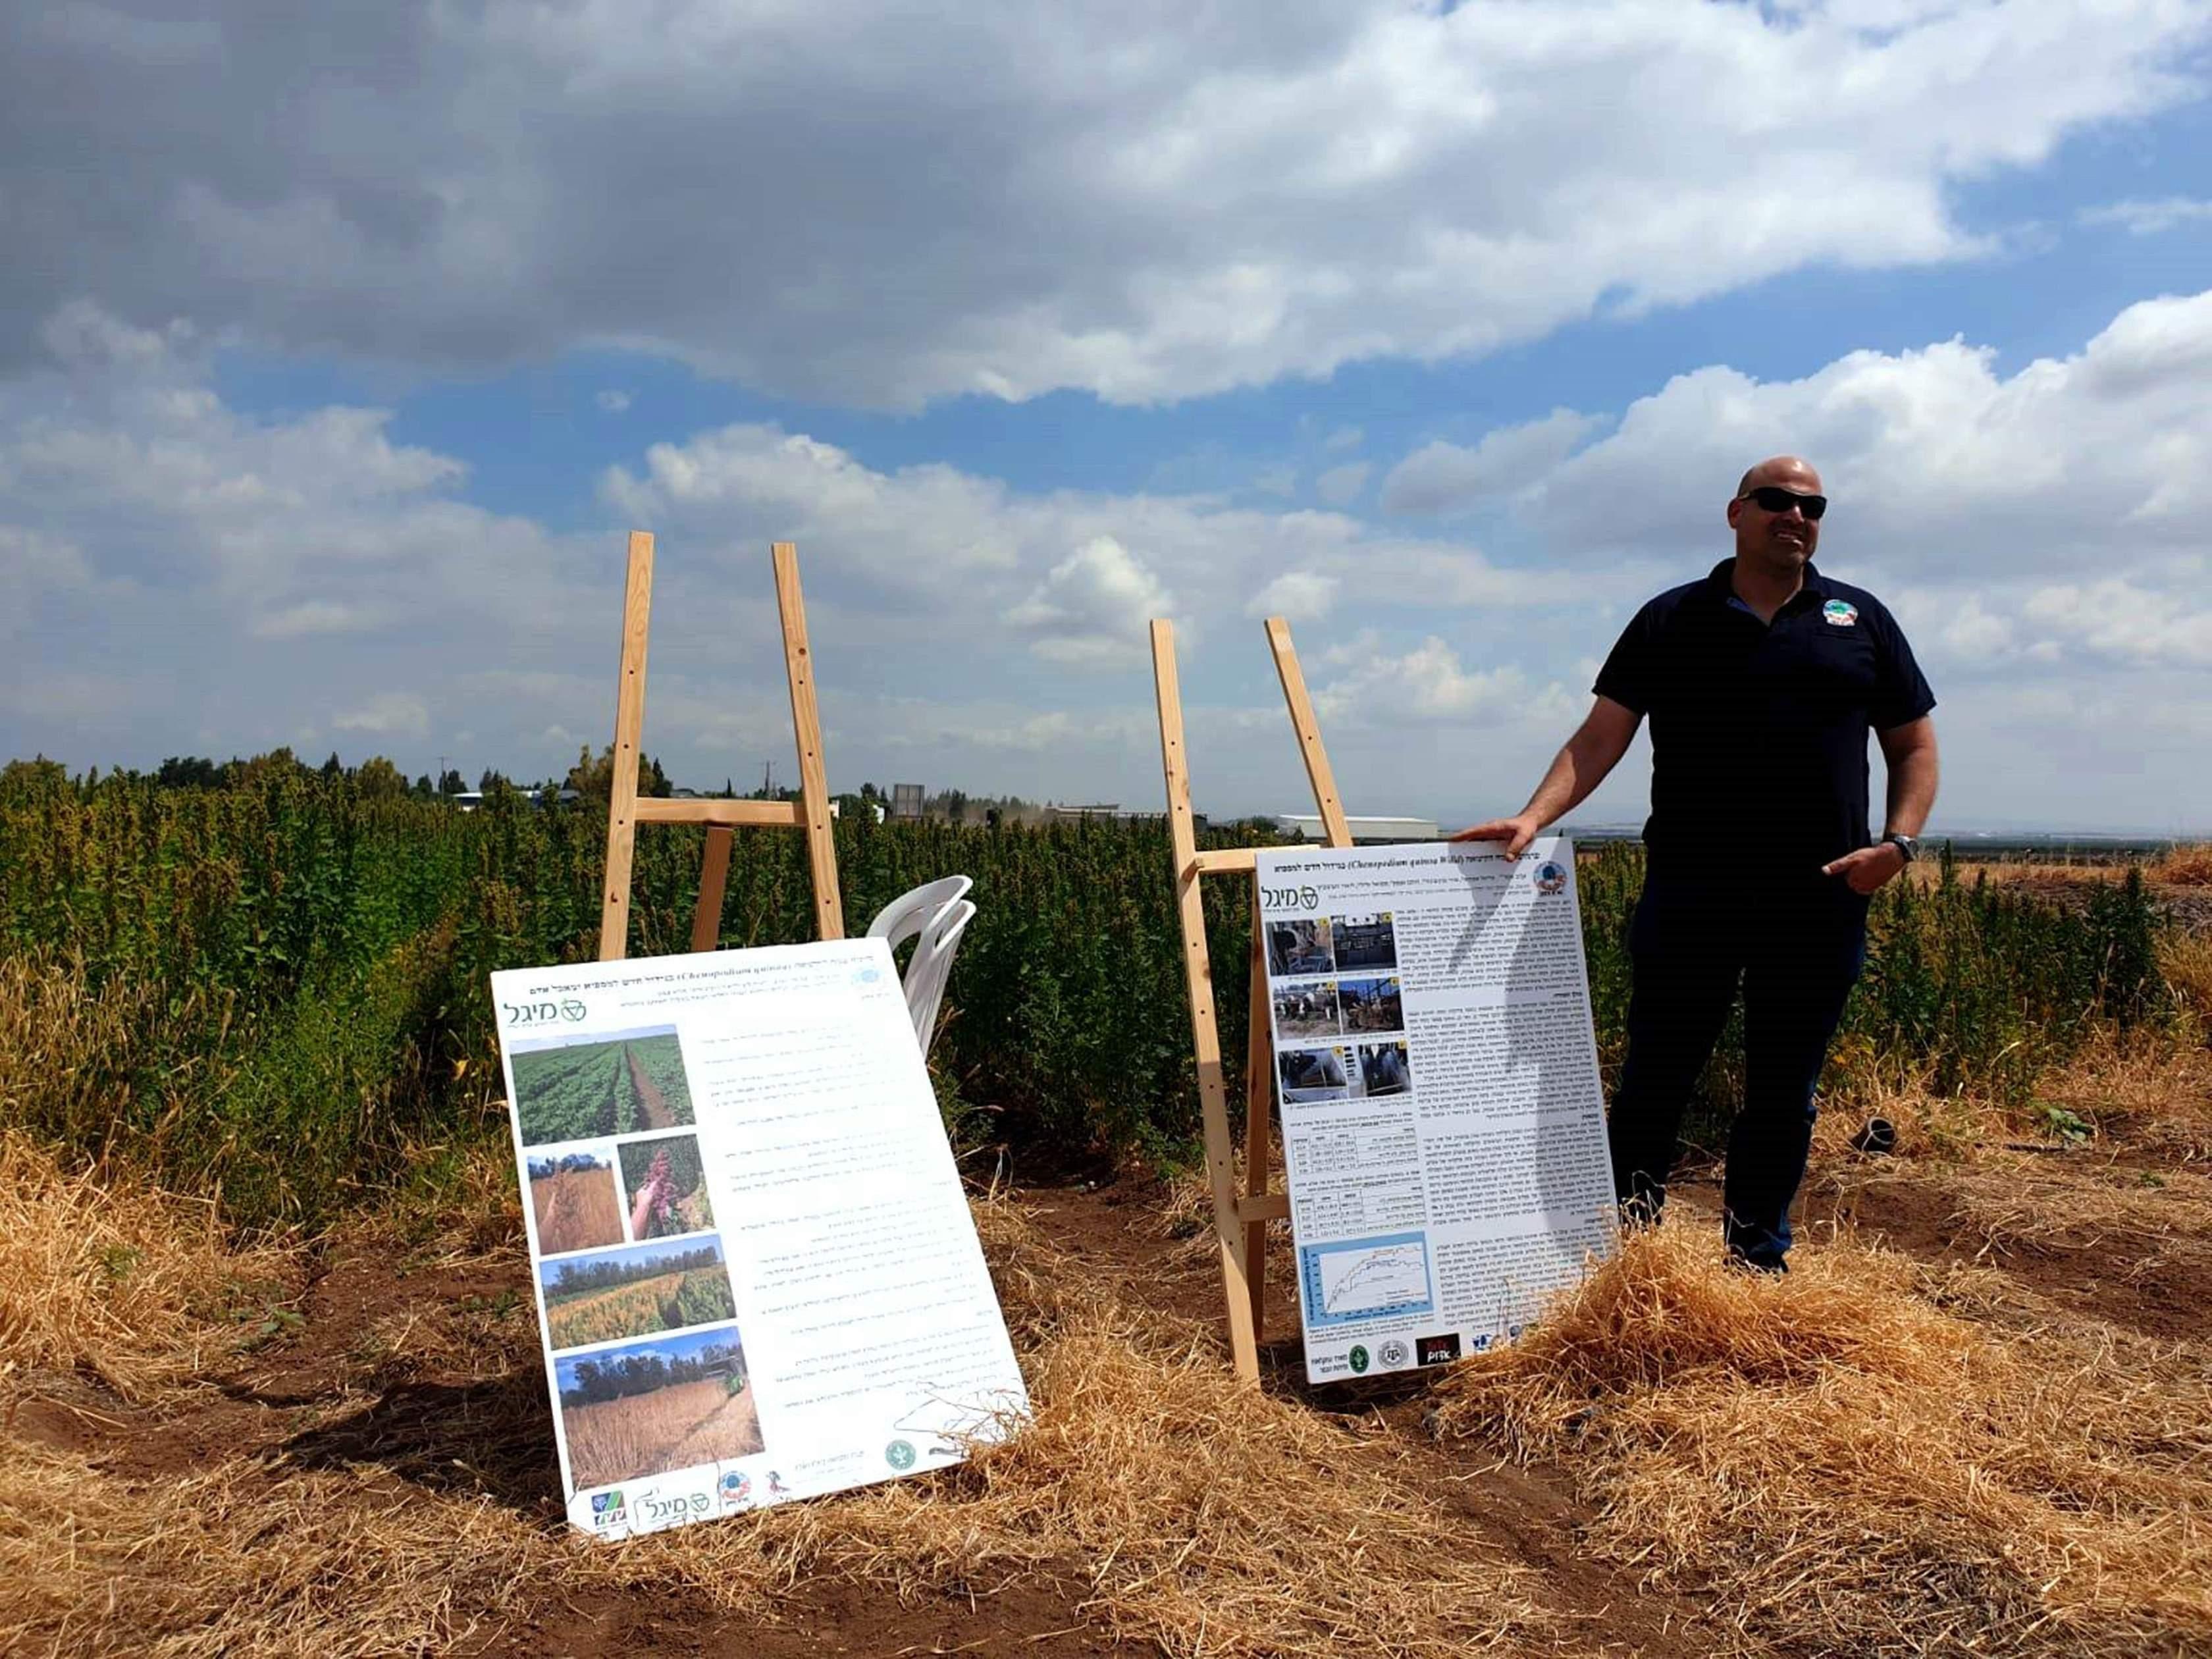 """חוקרי מו""""פ צפון ערכו סיור חשיפה ראשוני לחלקת מודל לגידול מסחרי של קינואה - במבוא חמה ברמת הגולן"""